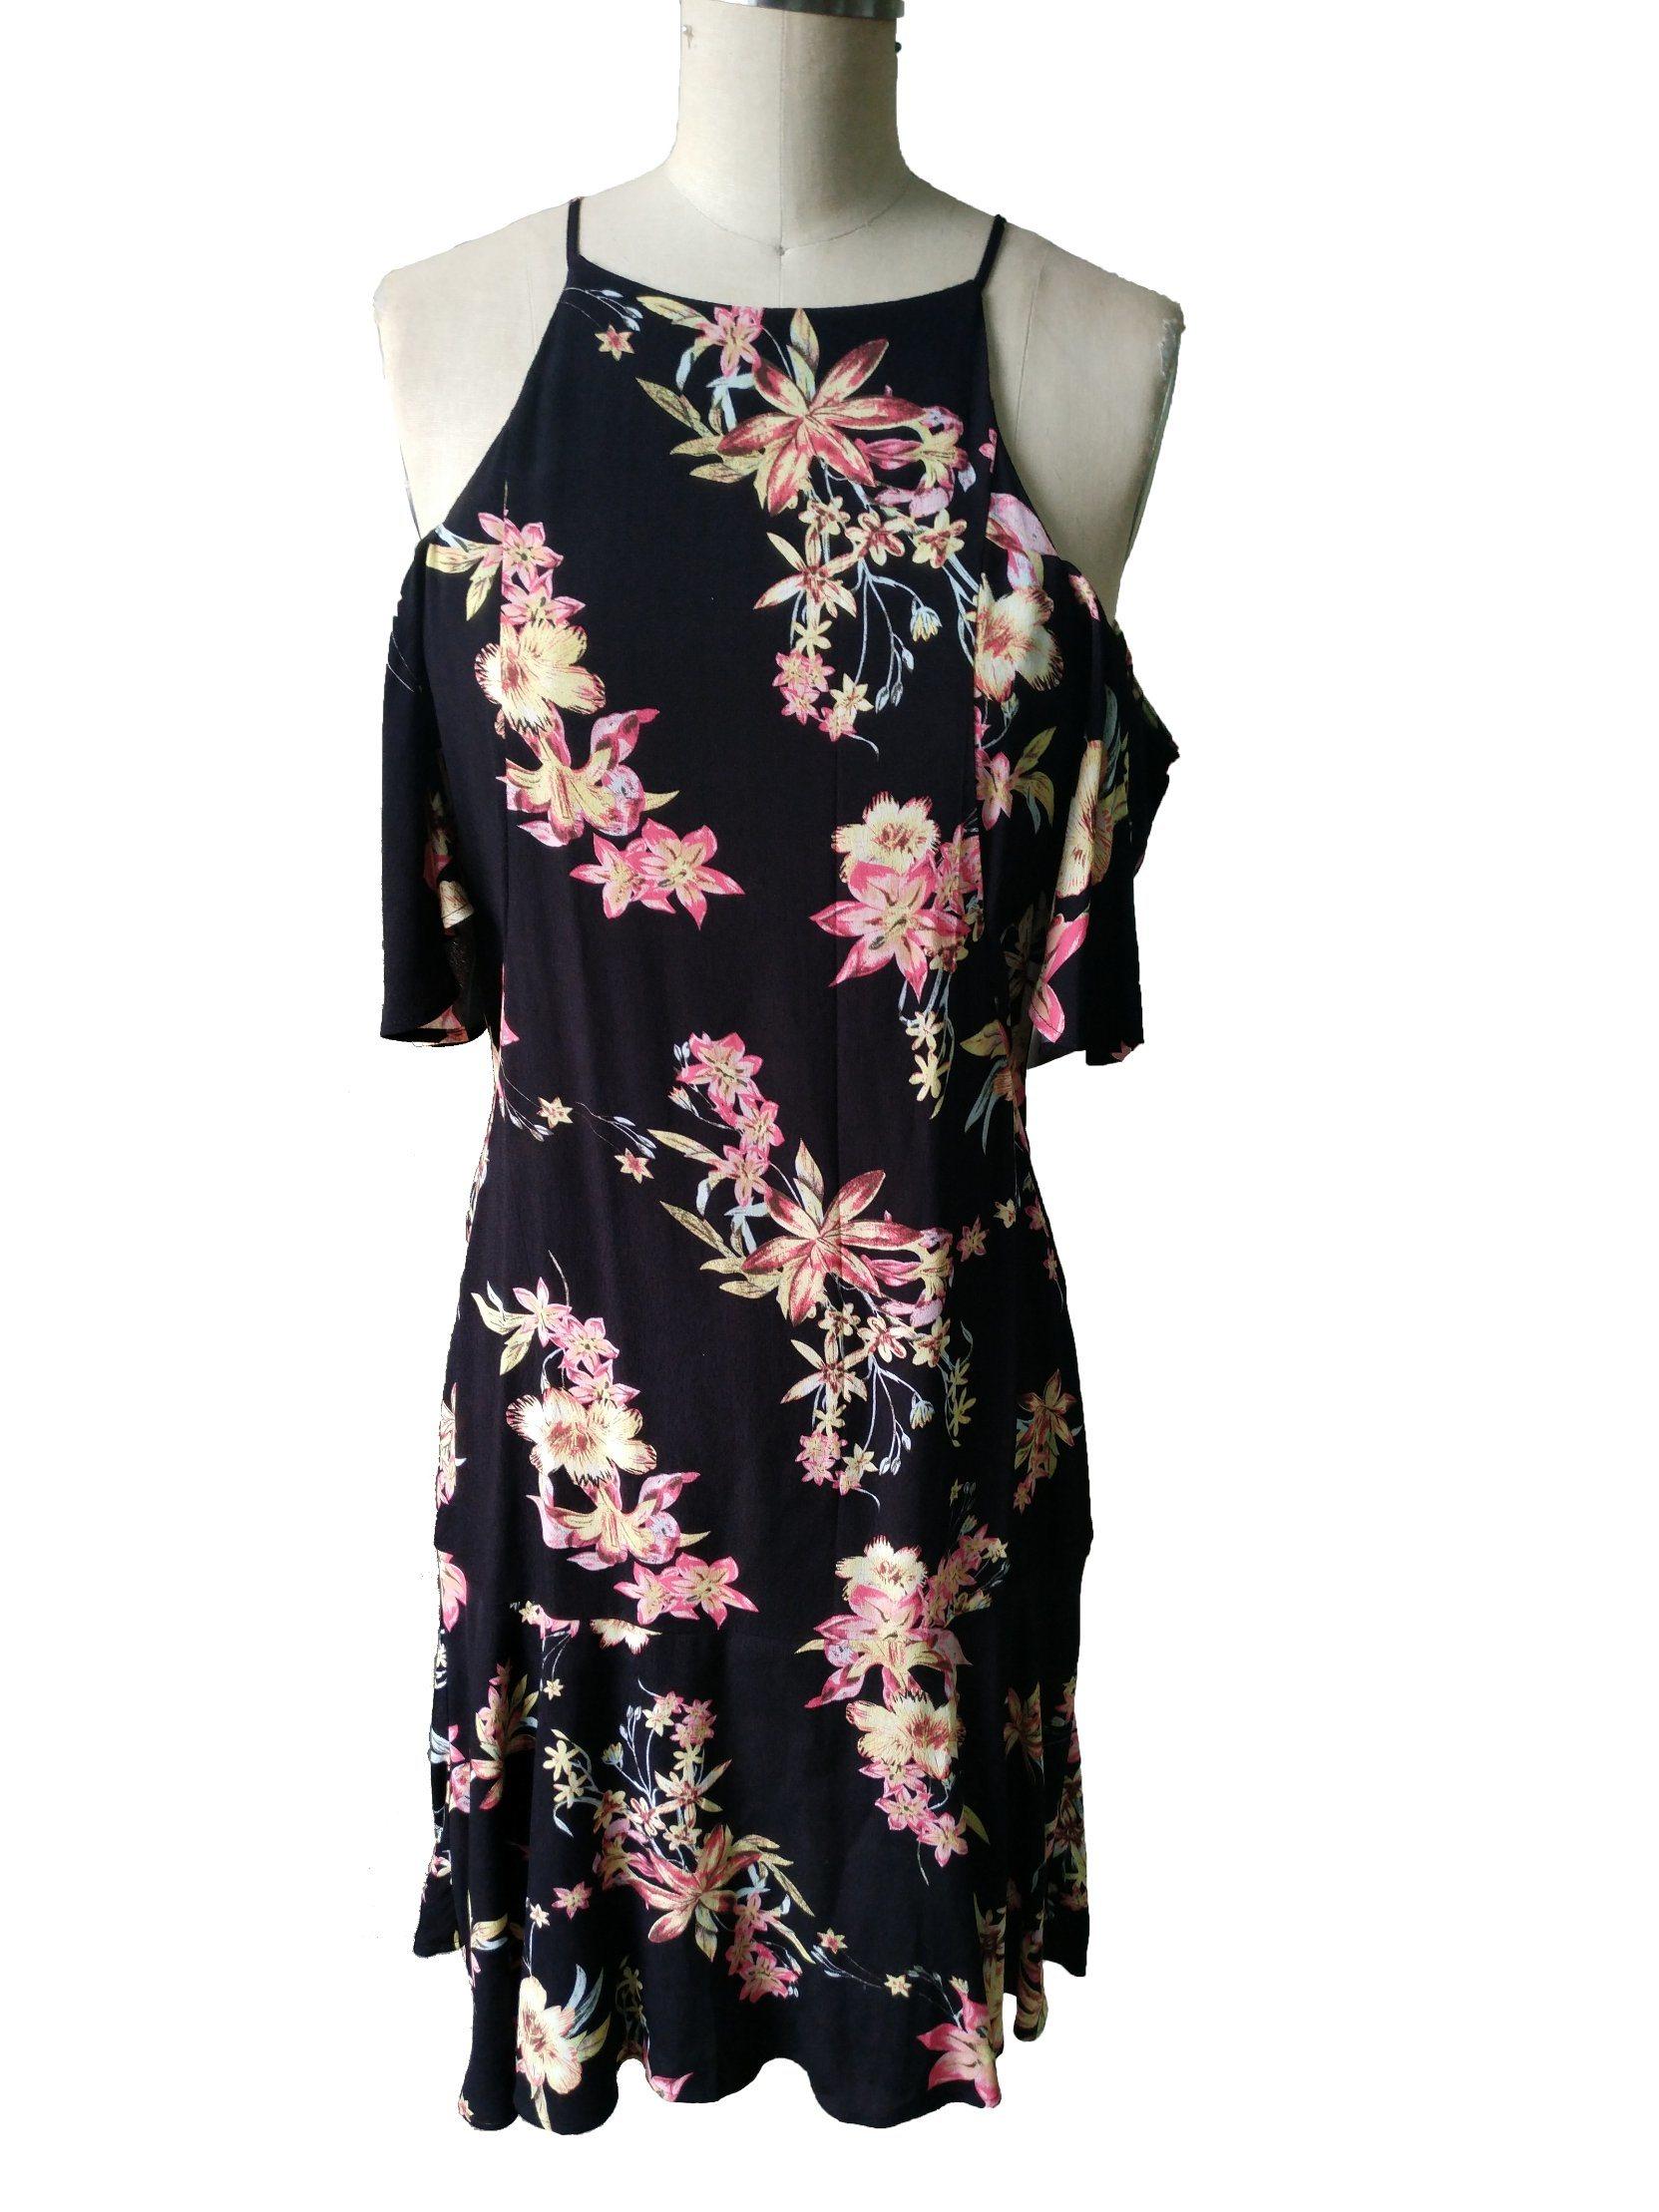 Flower Sleeveless Chiffon Sexy Fashion Latest Ladies Dress